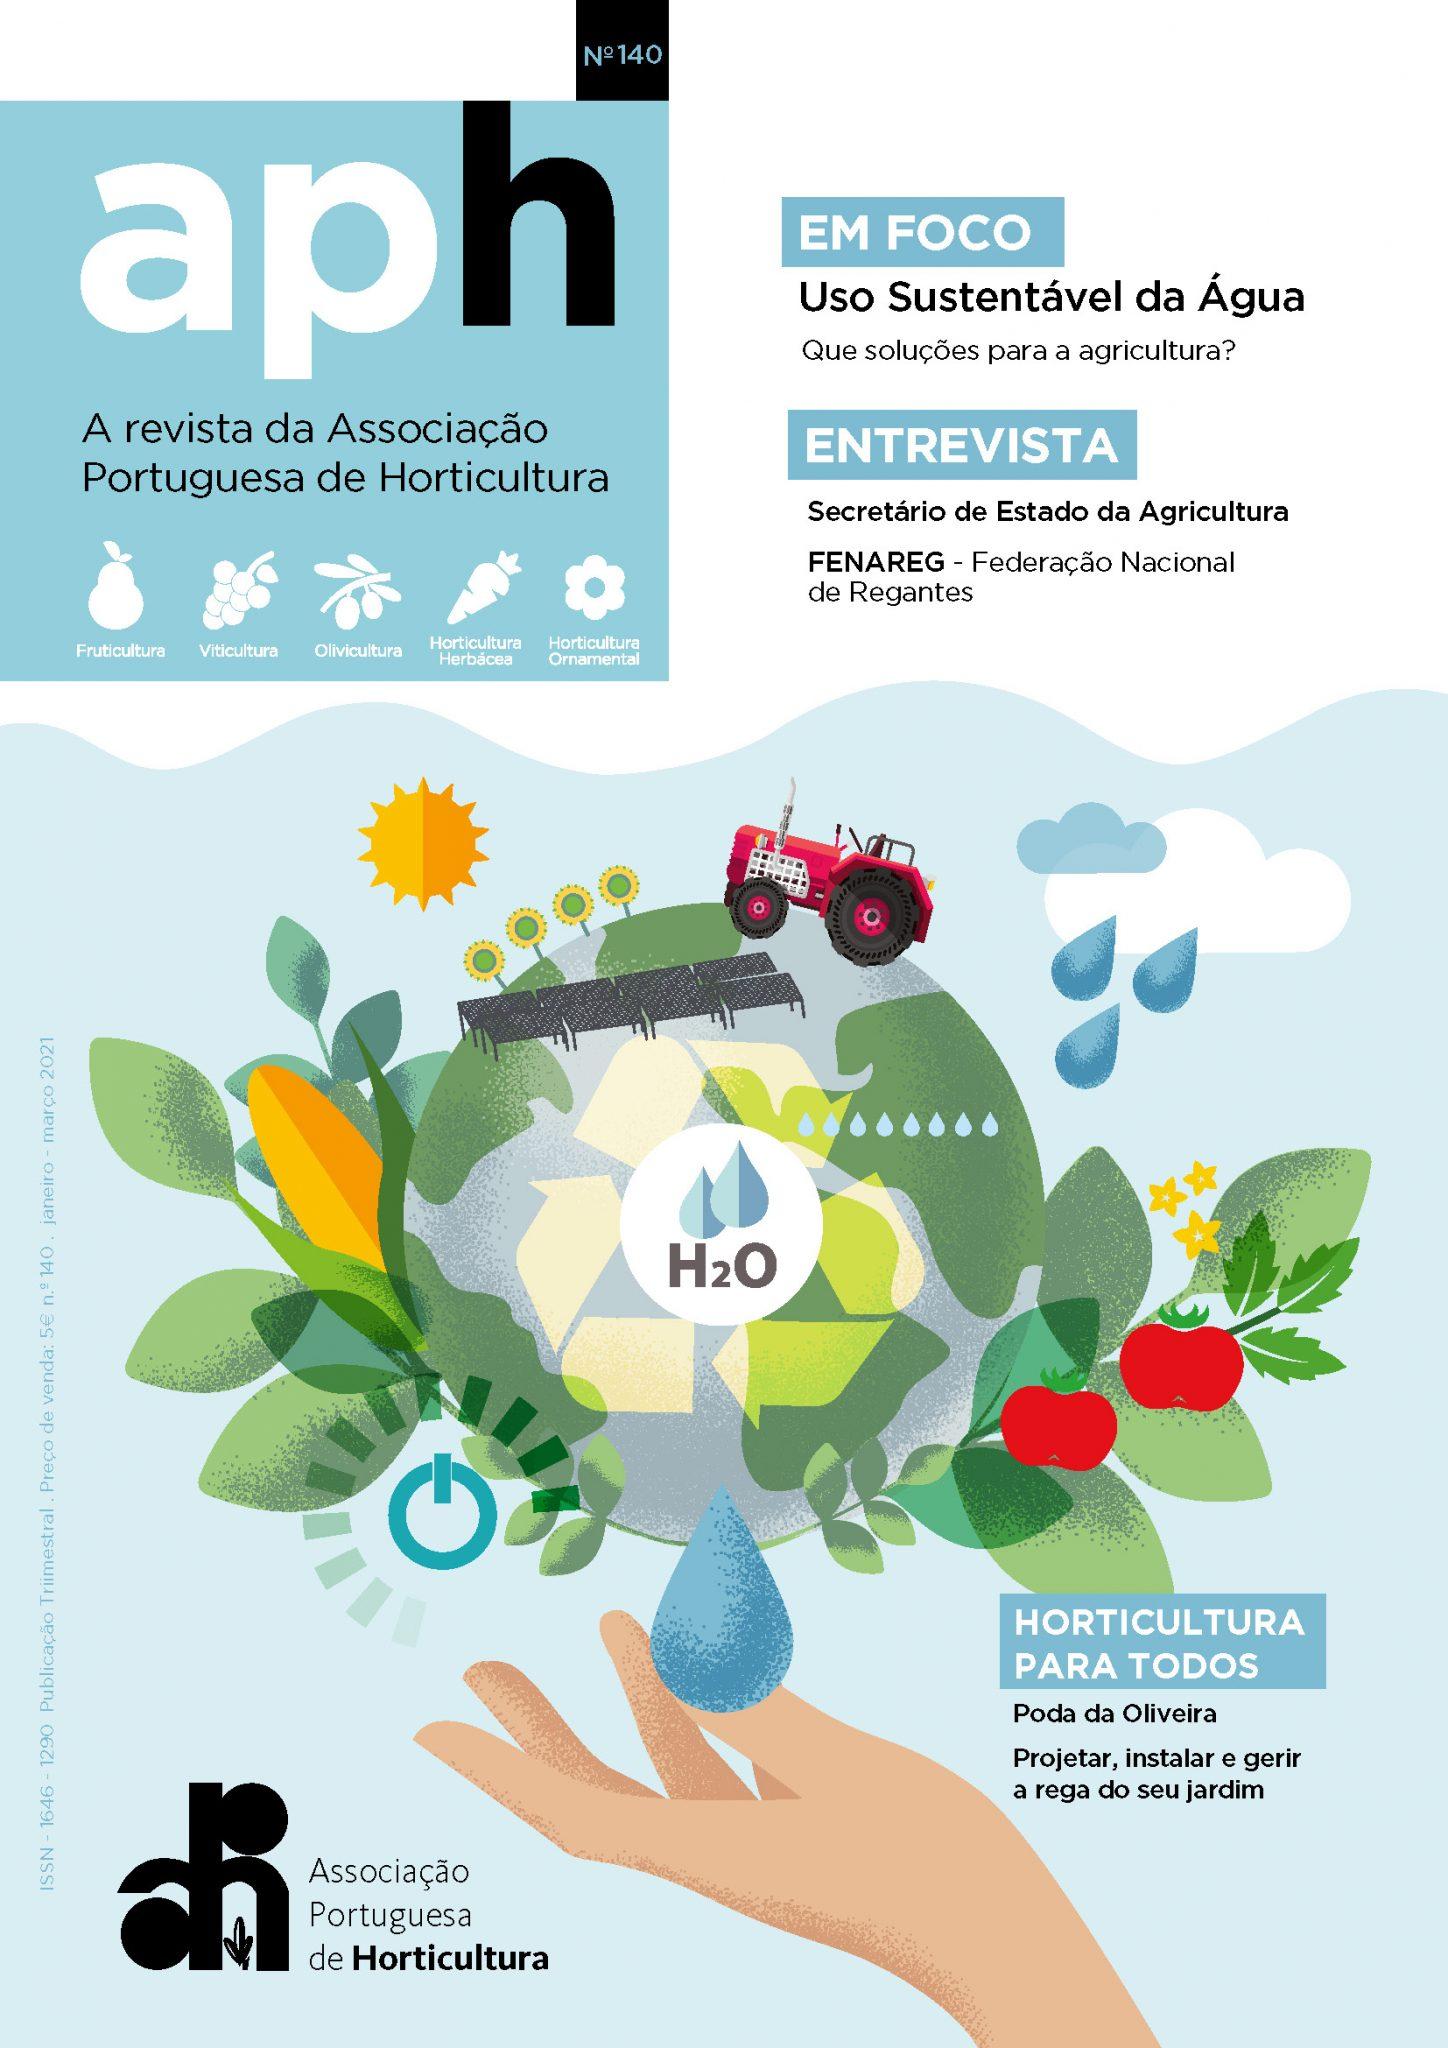 Uso sustentável da água- que soluções para a agricultura?